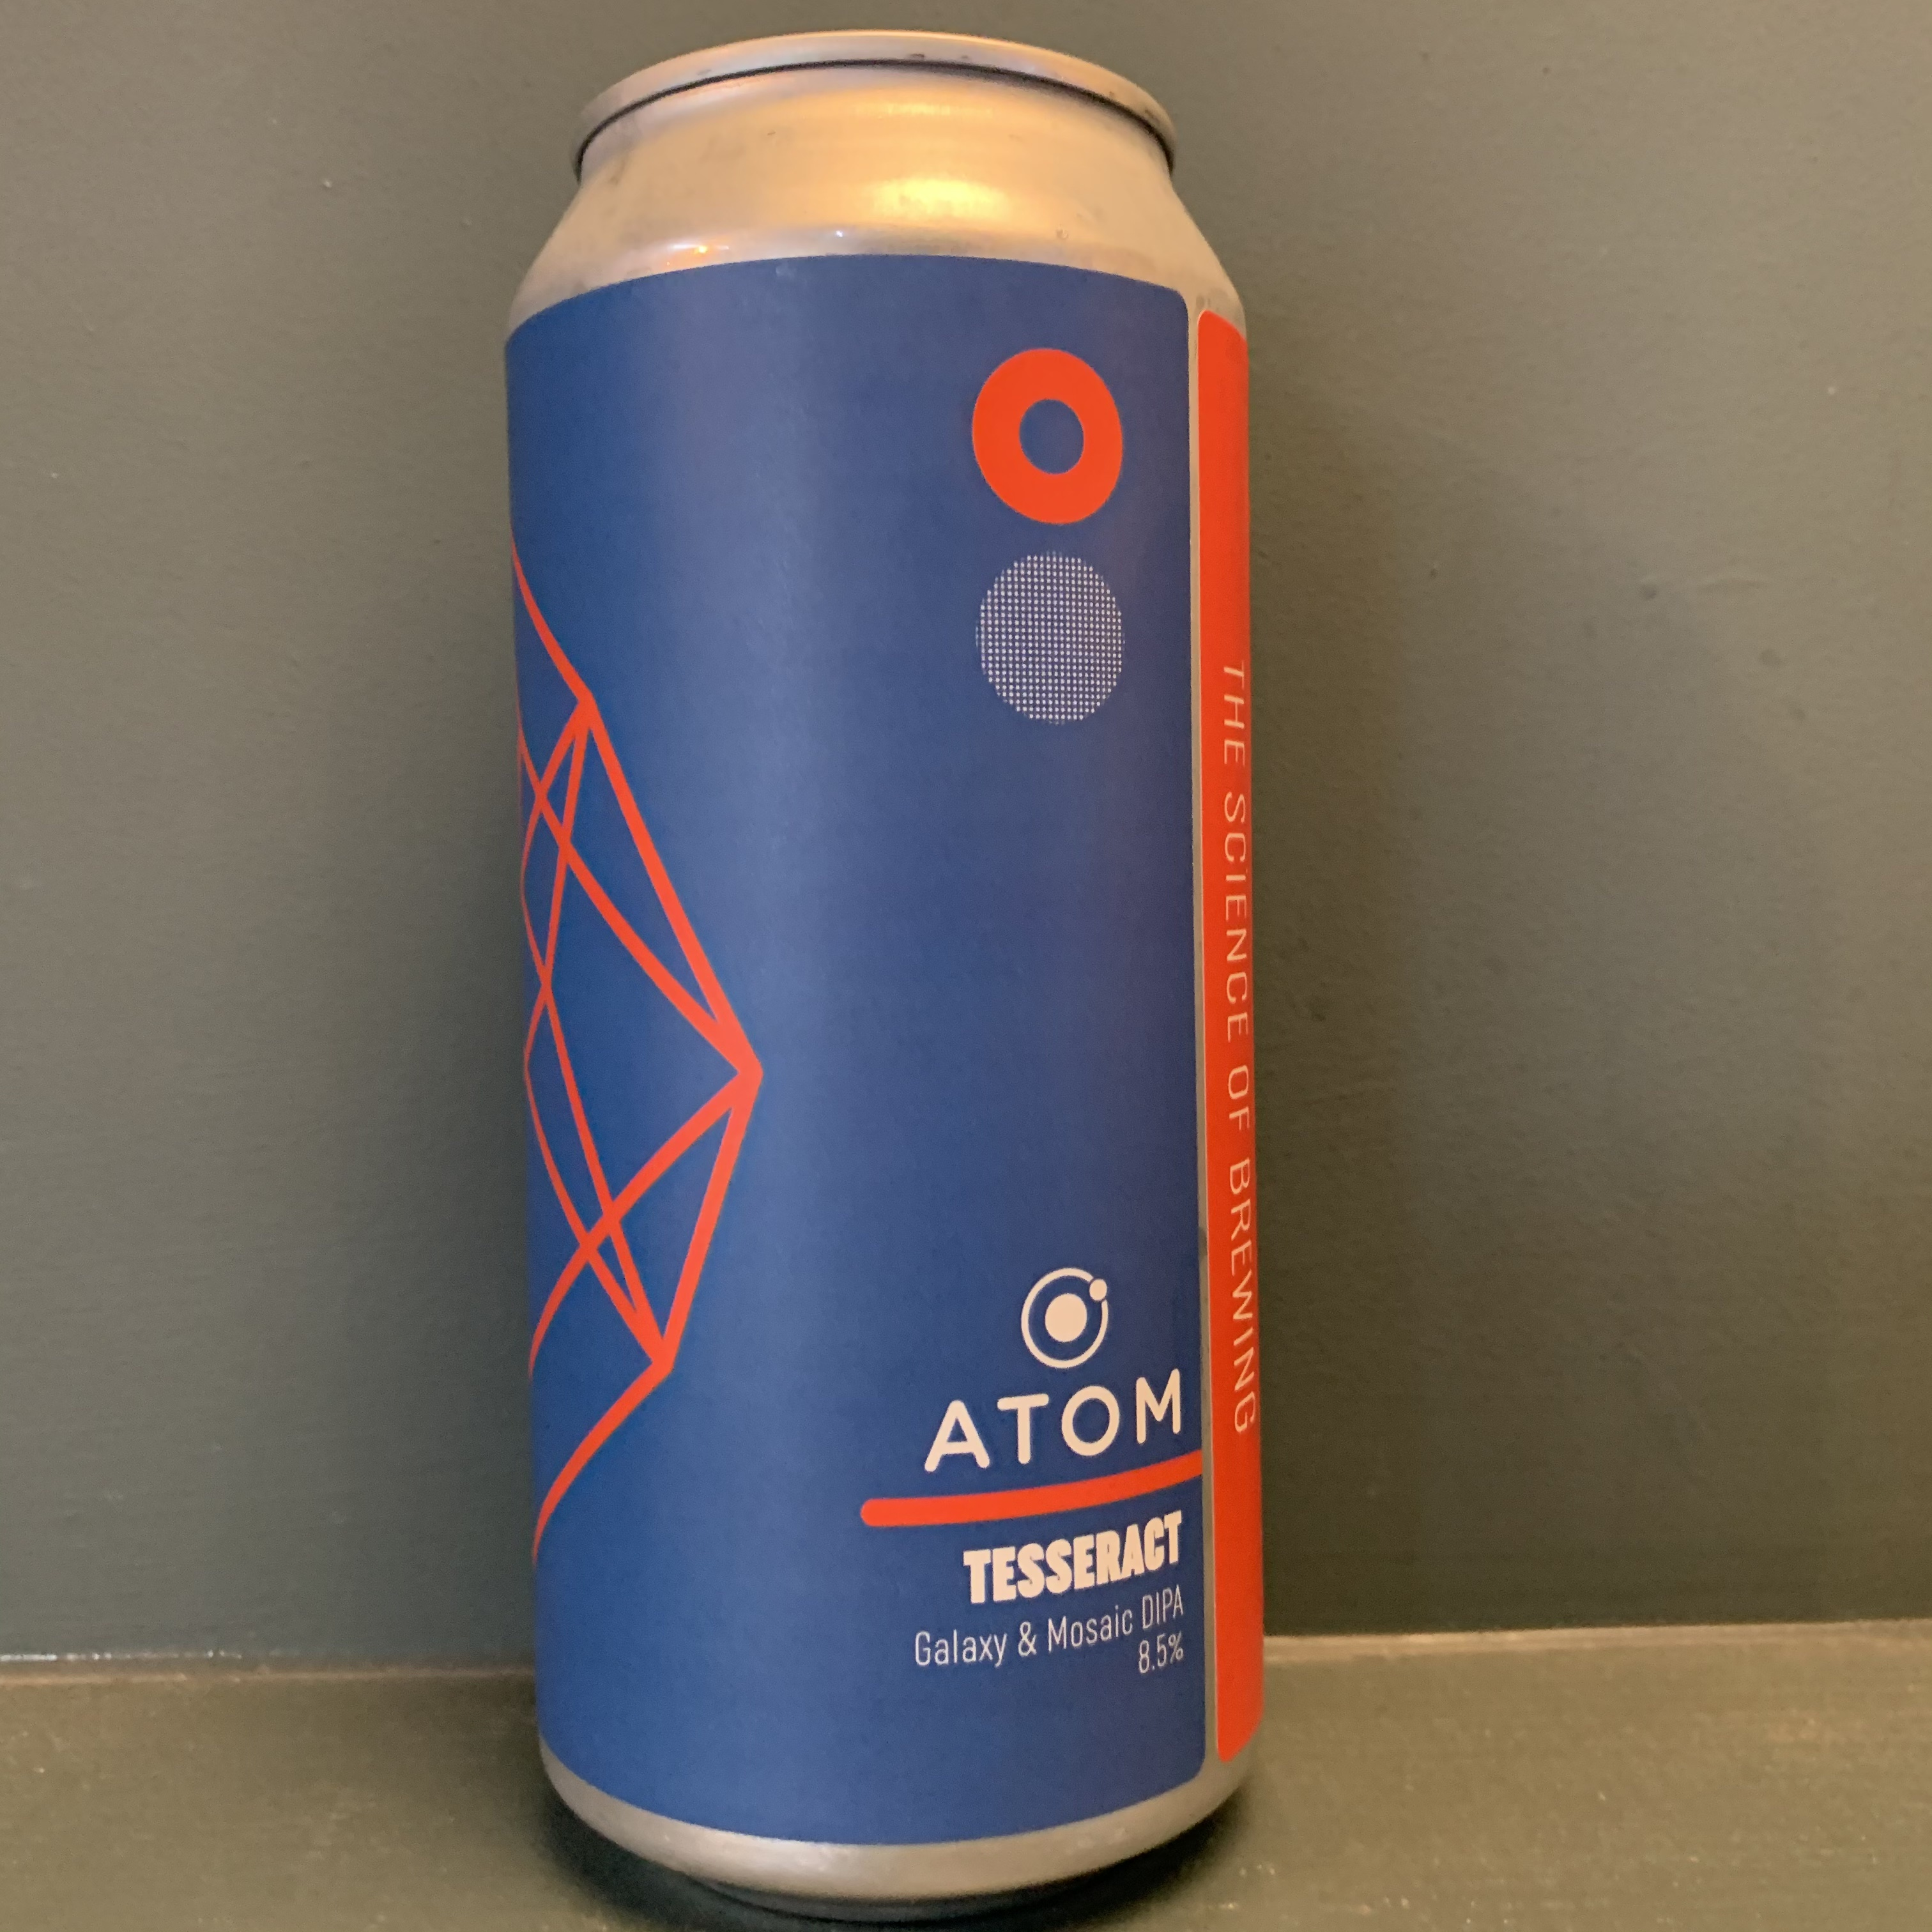 Atom - Tesseract